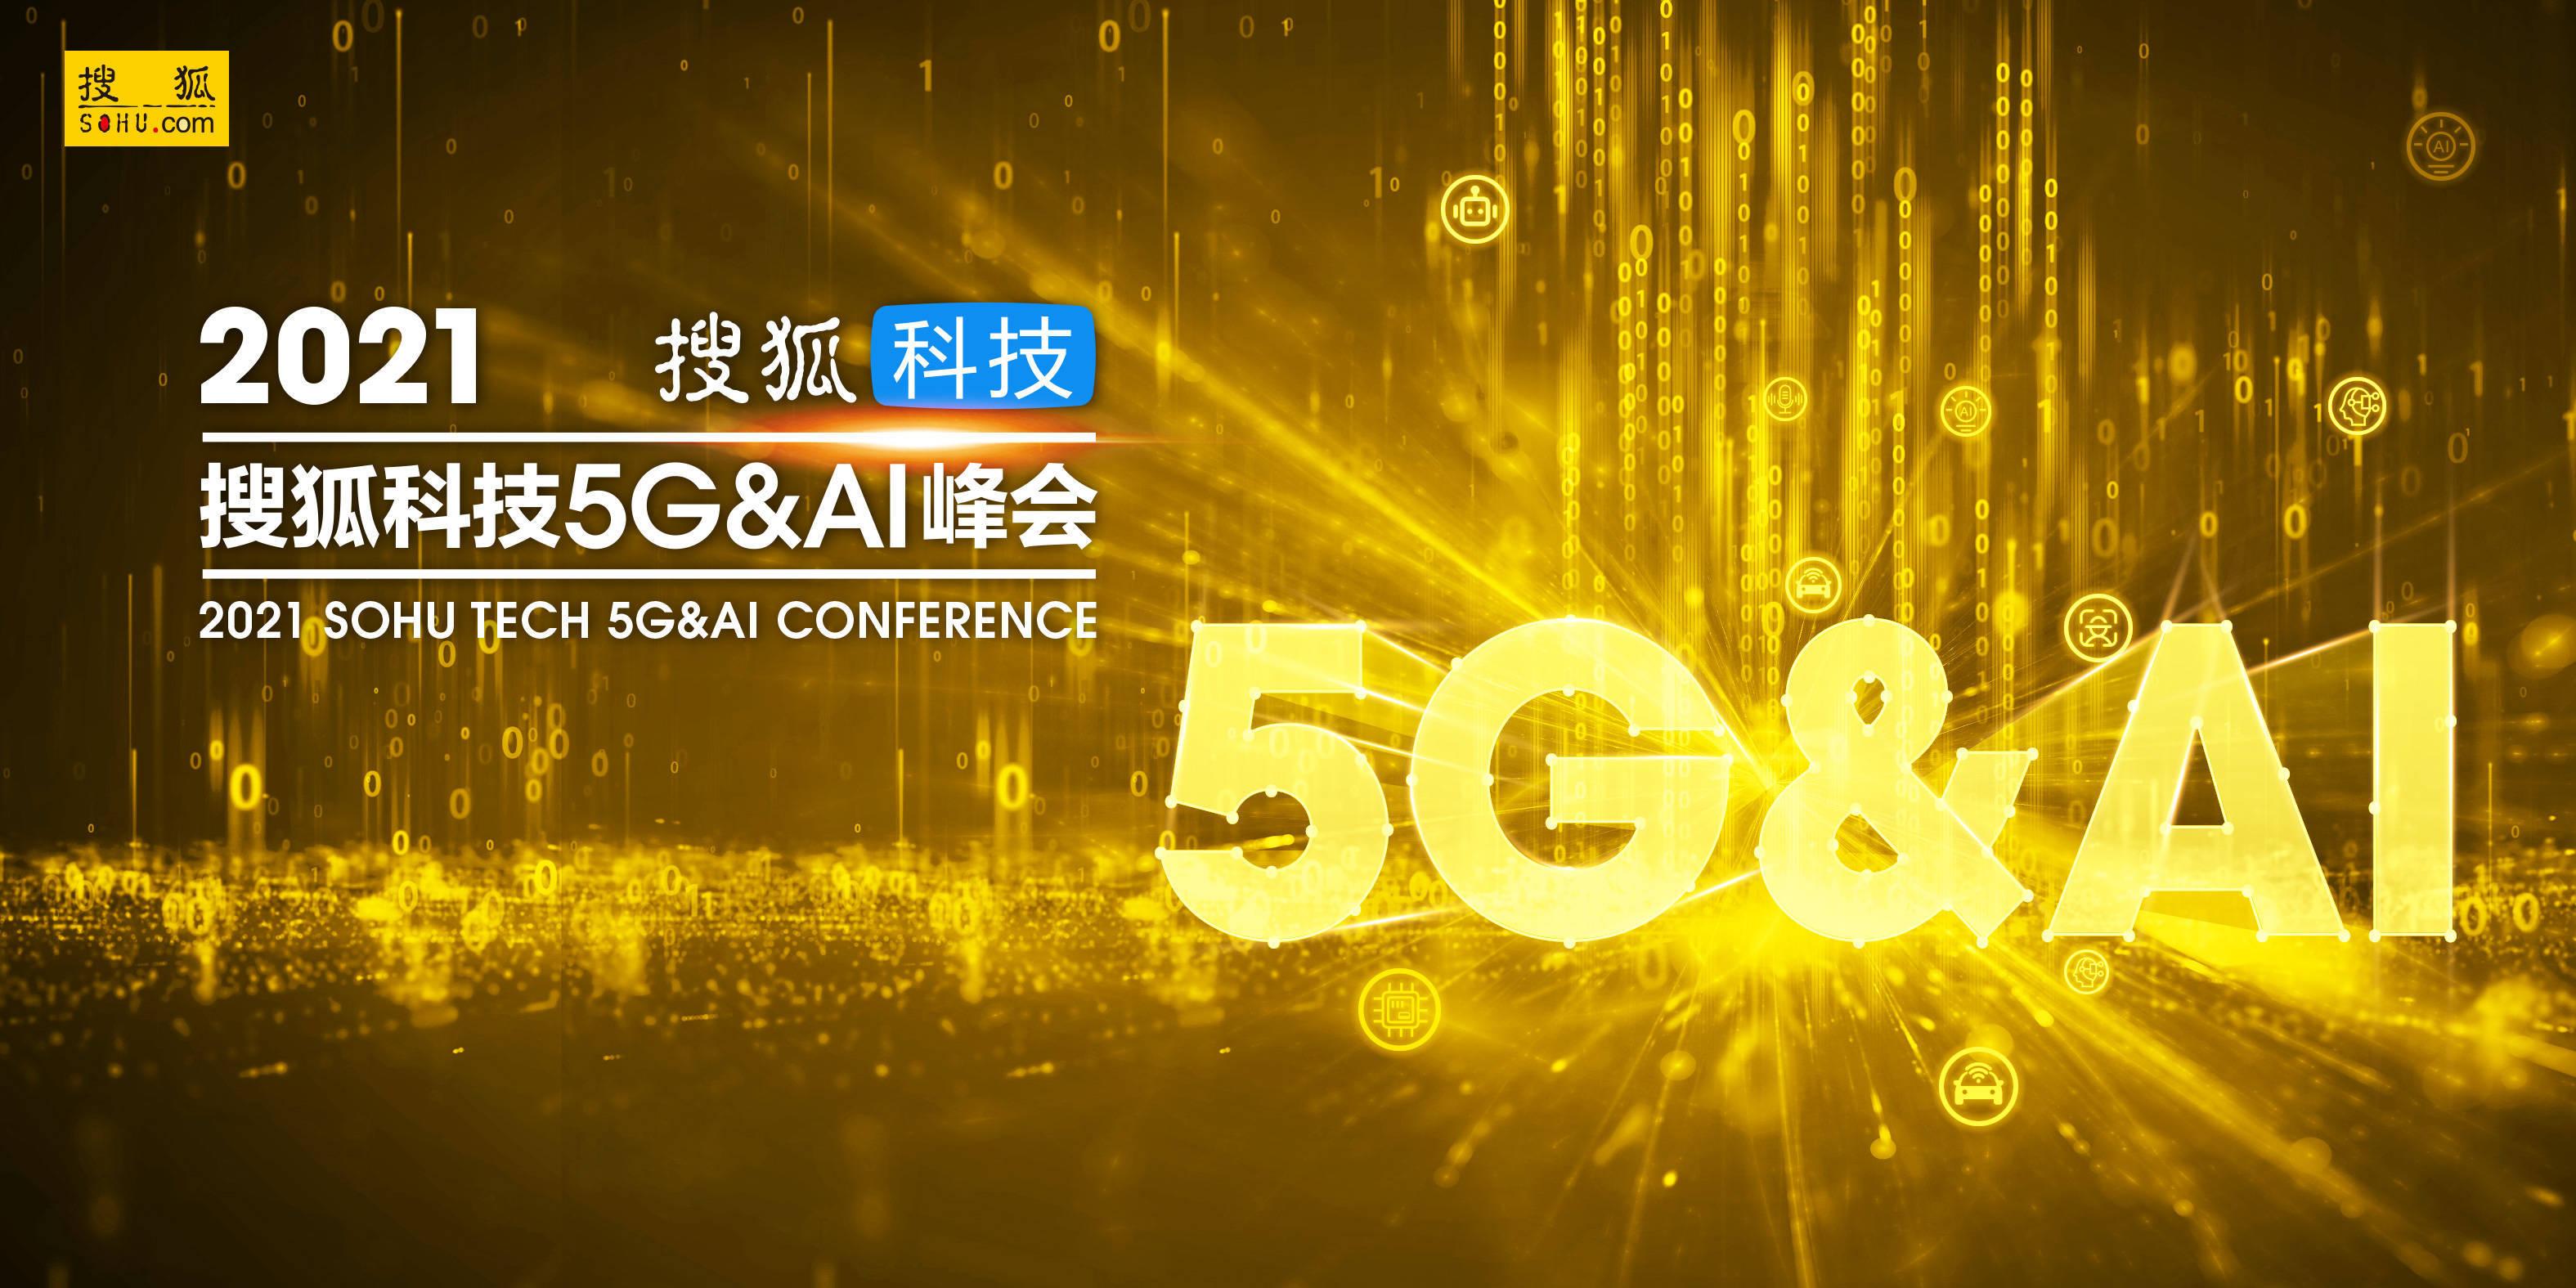 倒计时三天!2021搜狐科技5G&AI峰会将于5月17日隆重开启